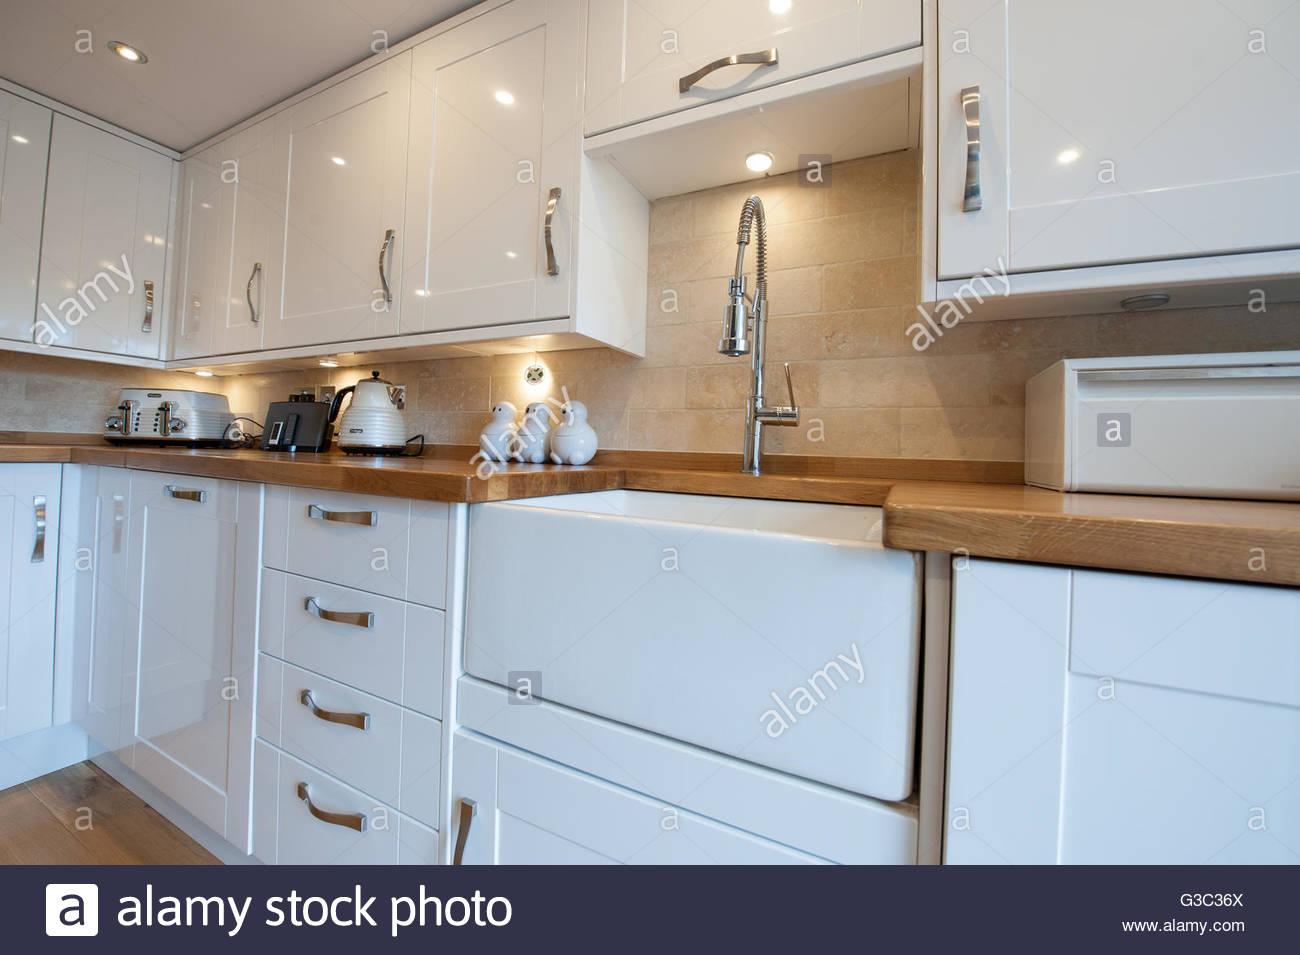 Beste Kücheneinheit Mit Belfast Sink Galerie - Ideen Für Die Küche ...